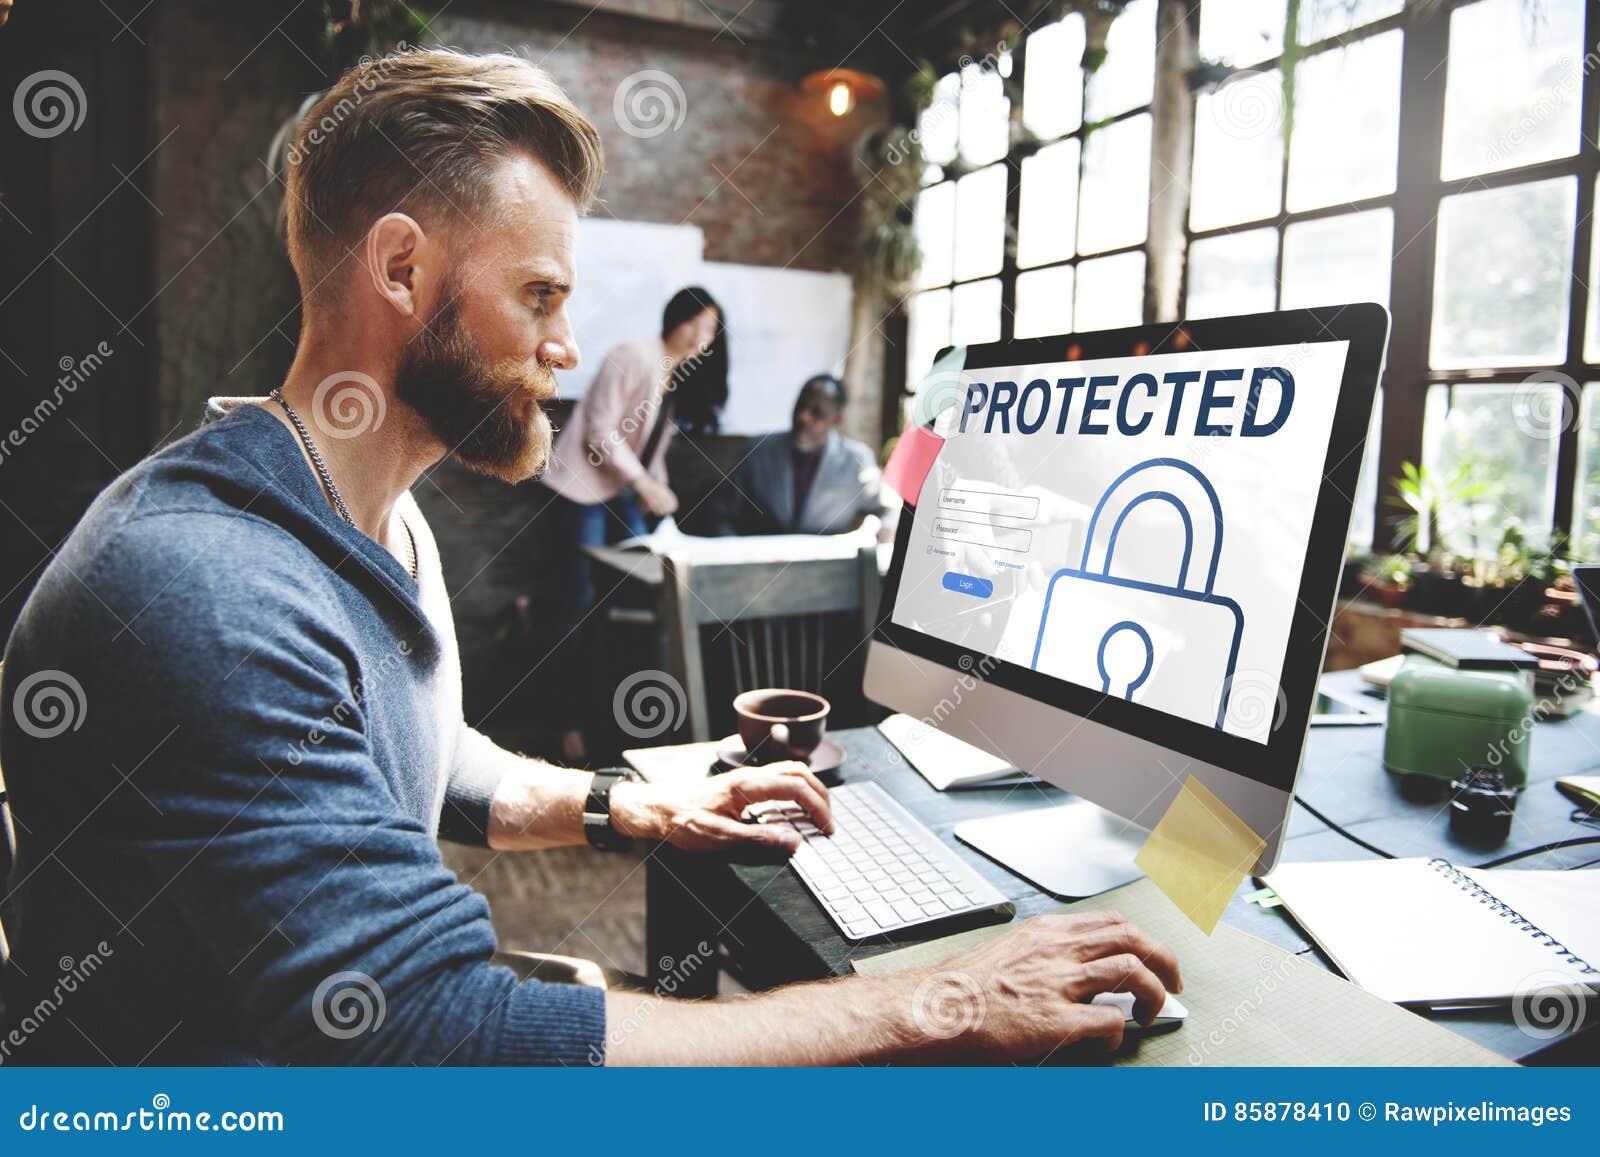 Concepto protegido del registro de la contraseña de usuario del inicio de sesión